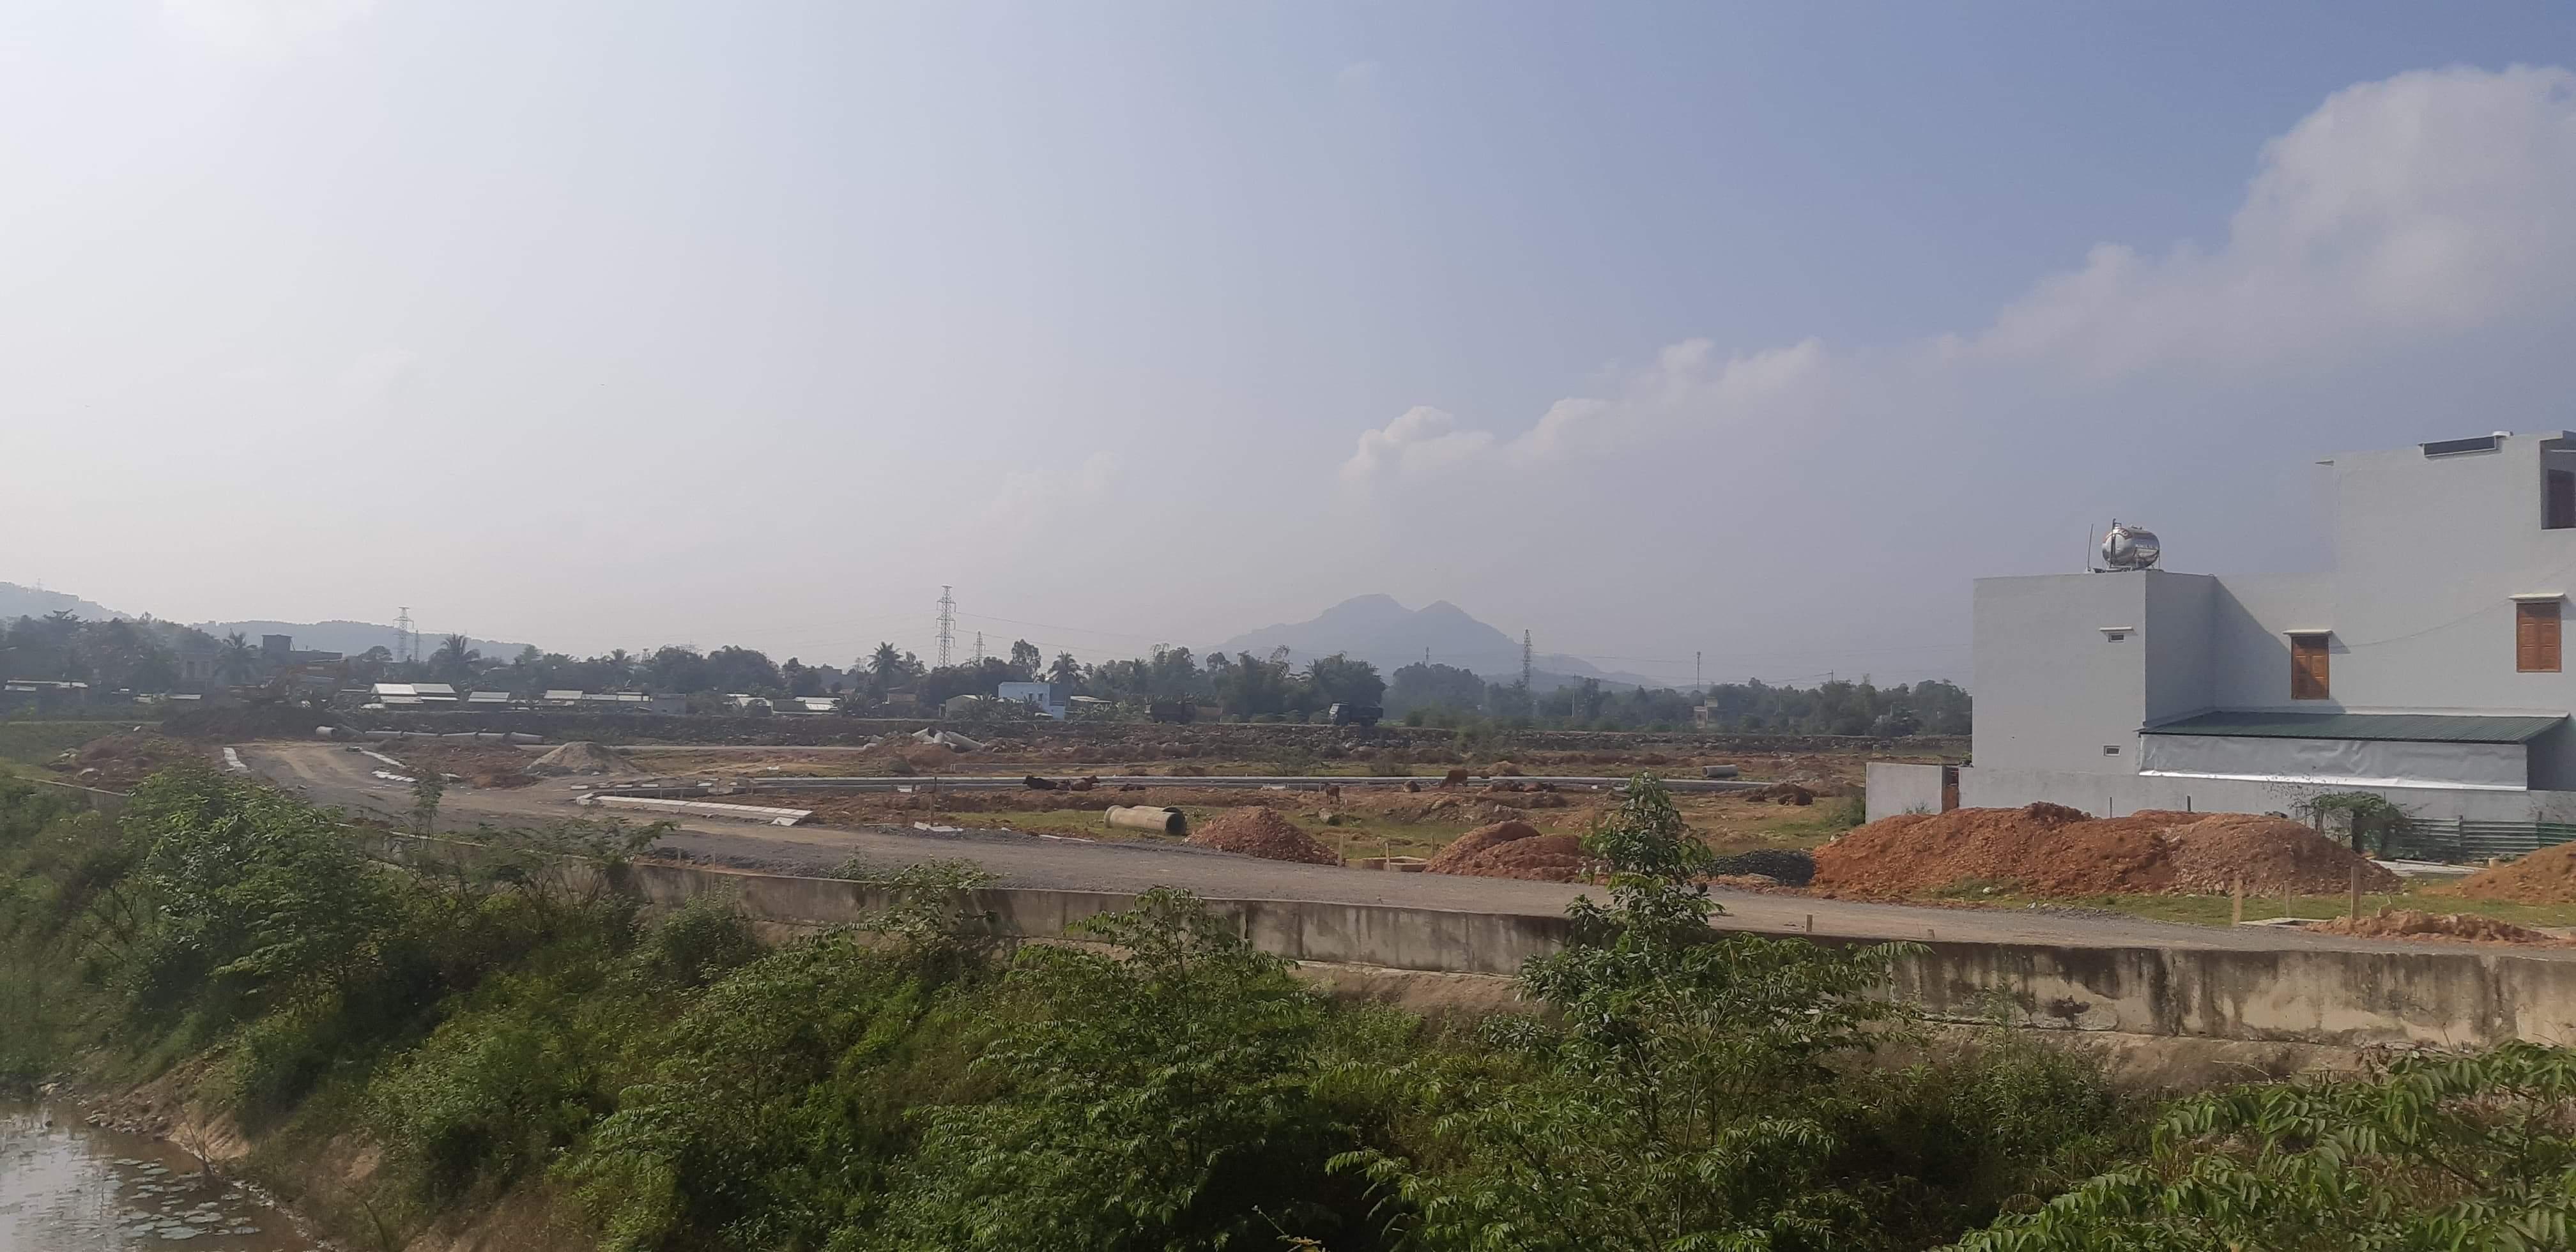 Hạn mức đất ở mới tại Đà Nẵng được quy định nhiều xã của huyện Hòa Vang là 300m2/hộ